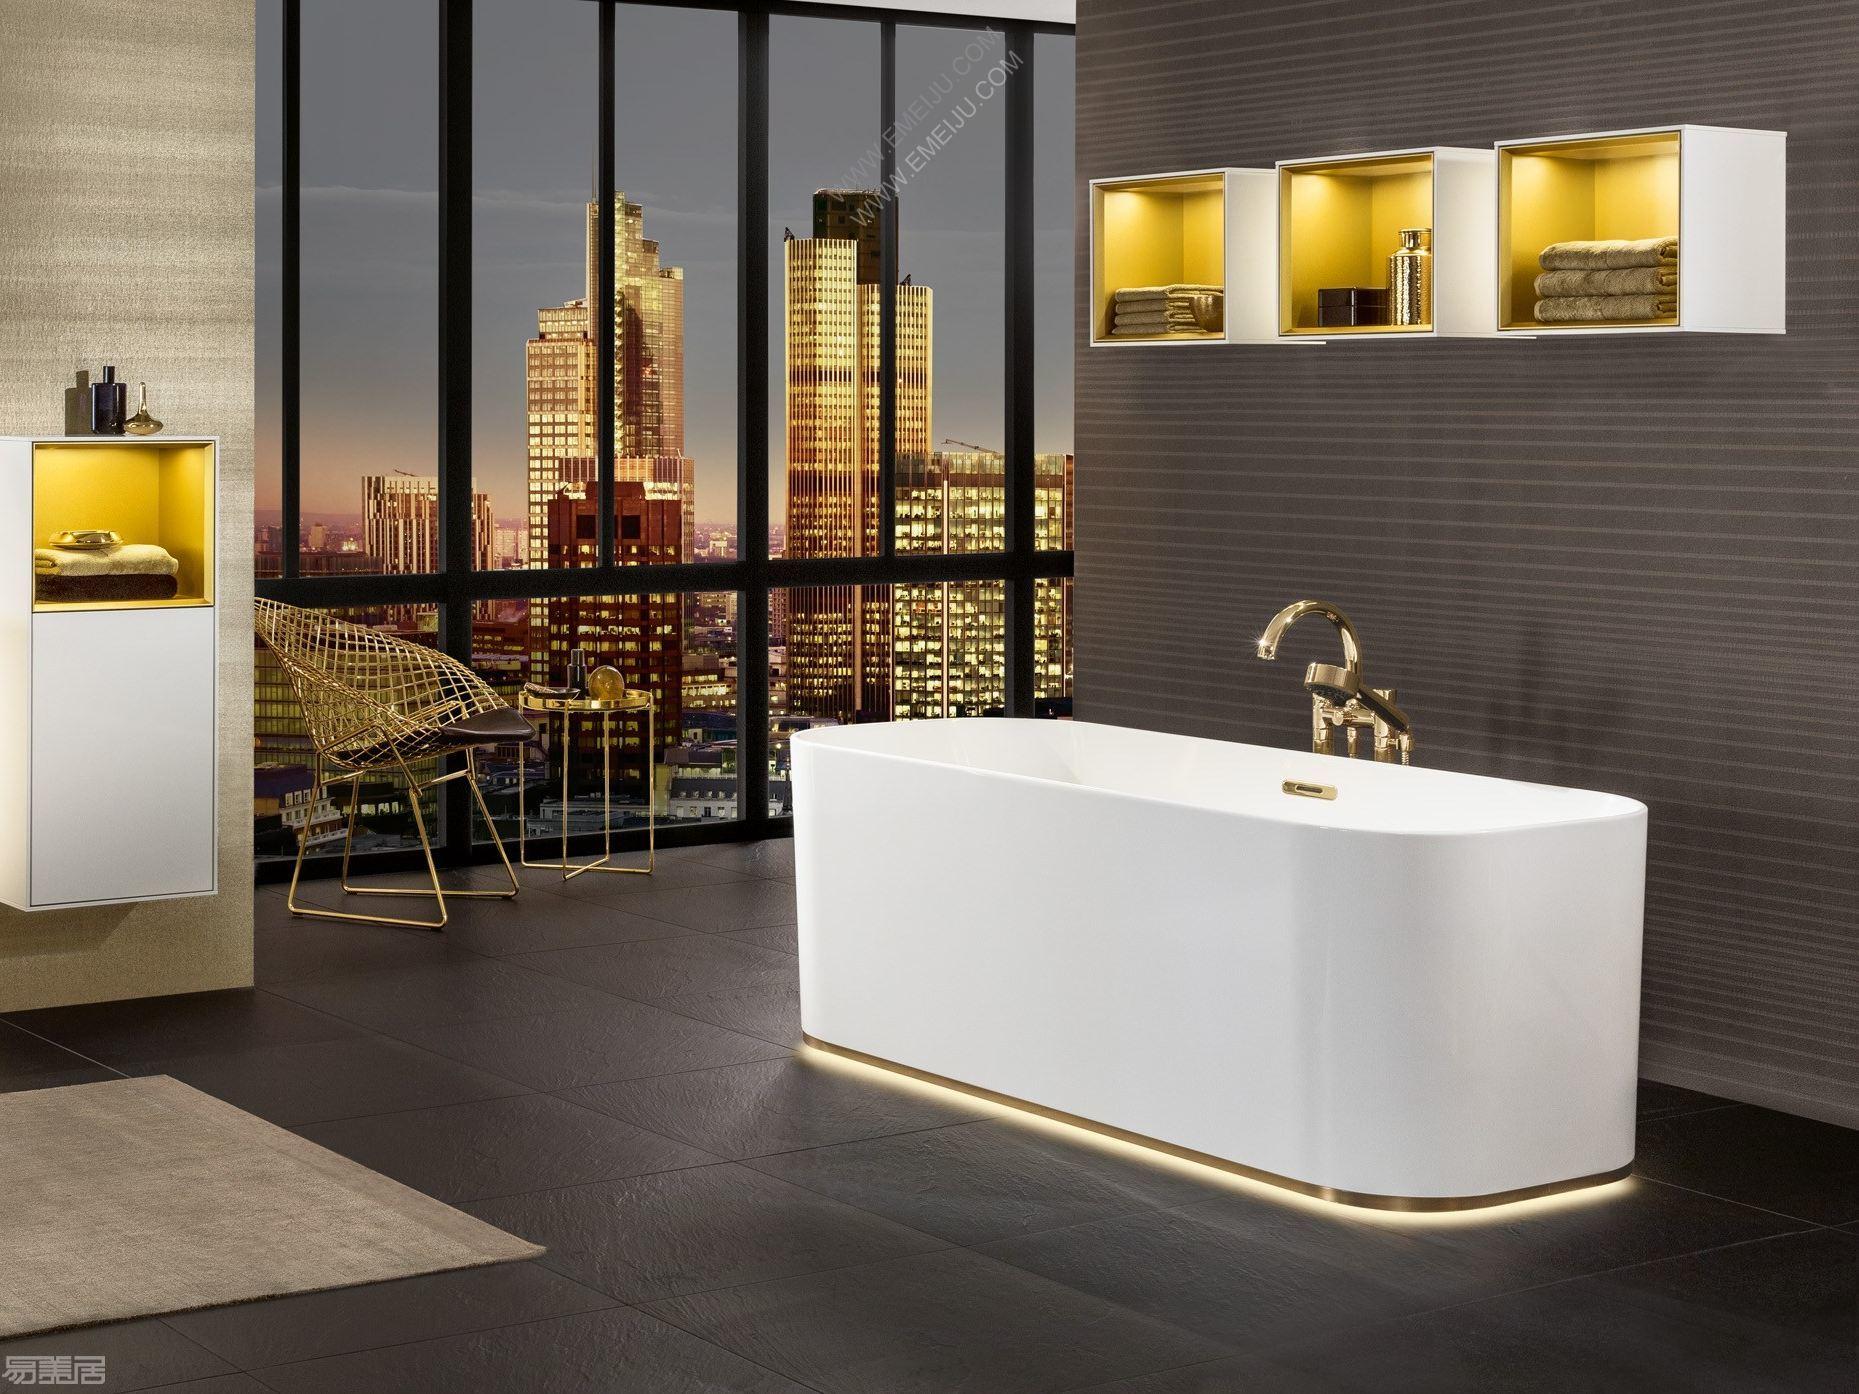 FINION-Freestanding-bathtub-Villeroy-Boch-296267-rel93a19a32.jpg